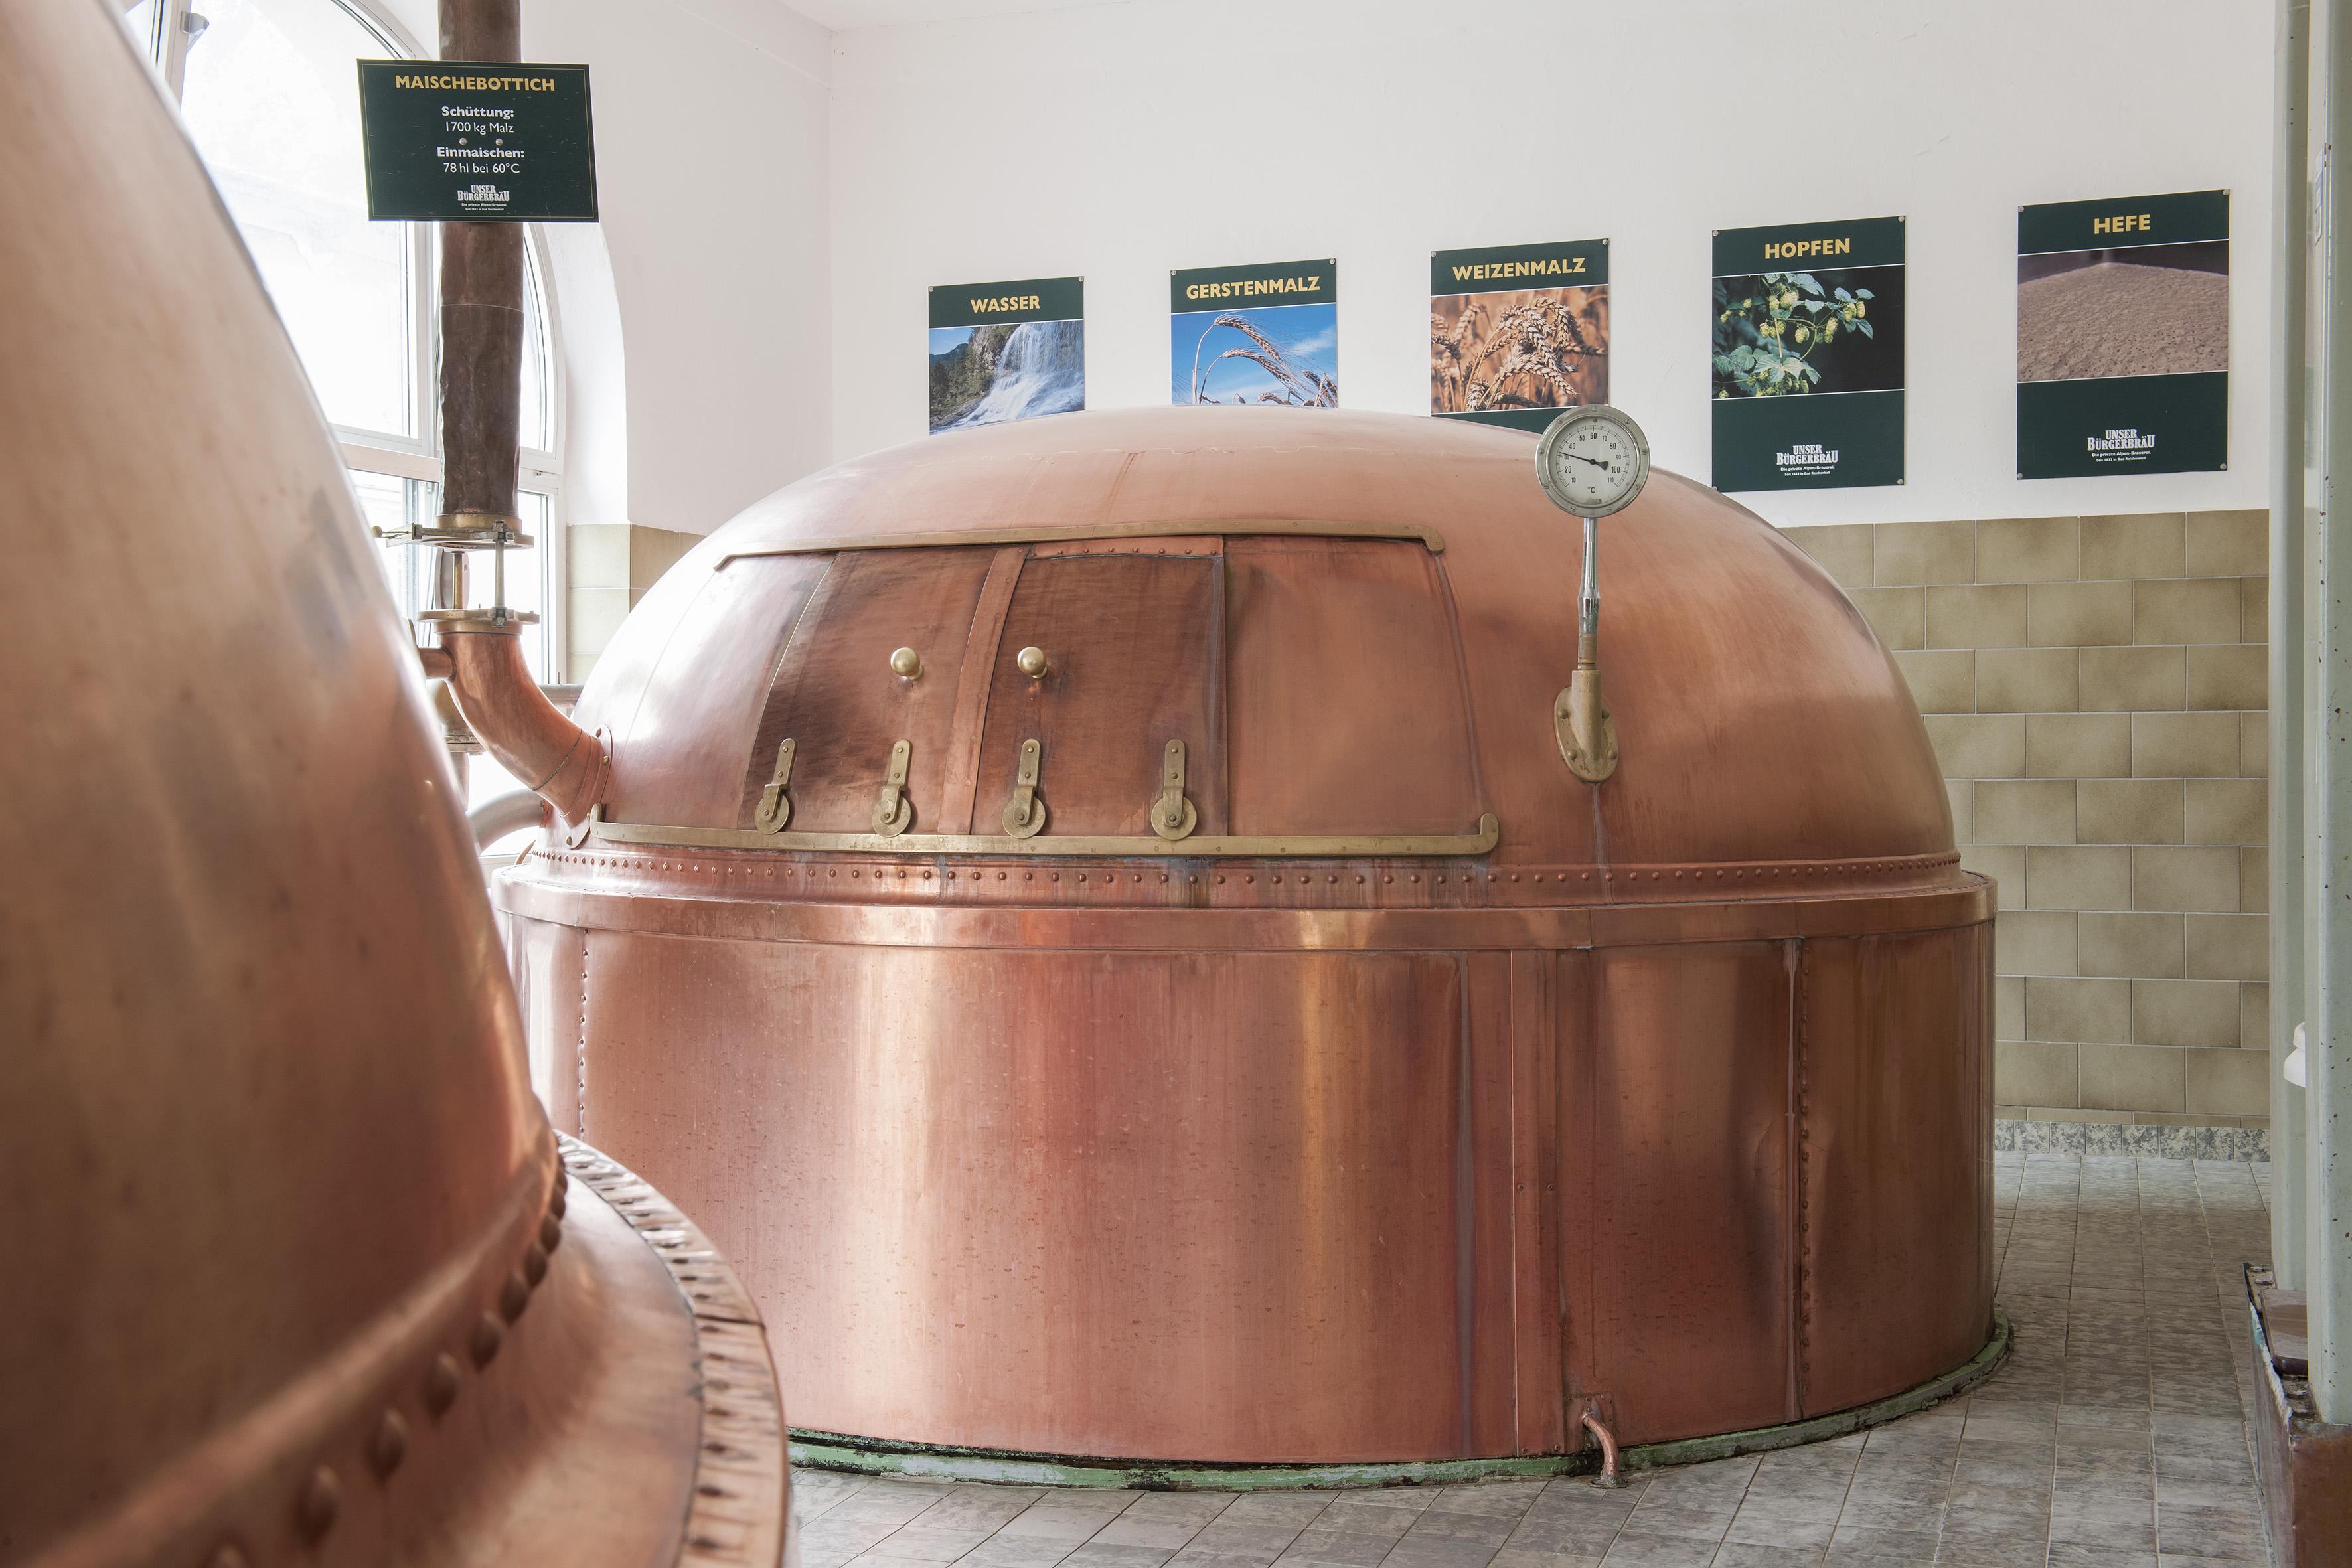 Historischer Brauereigasthof Buergerbraeu 9